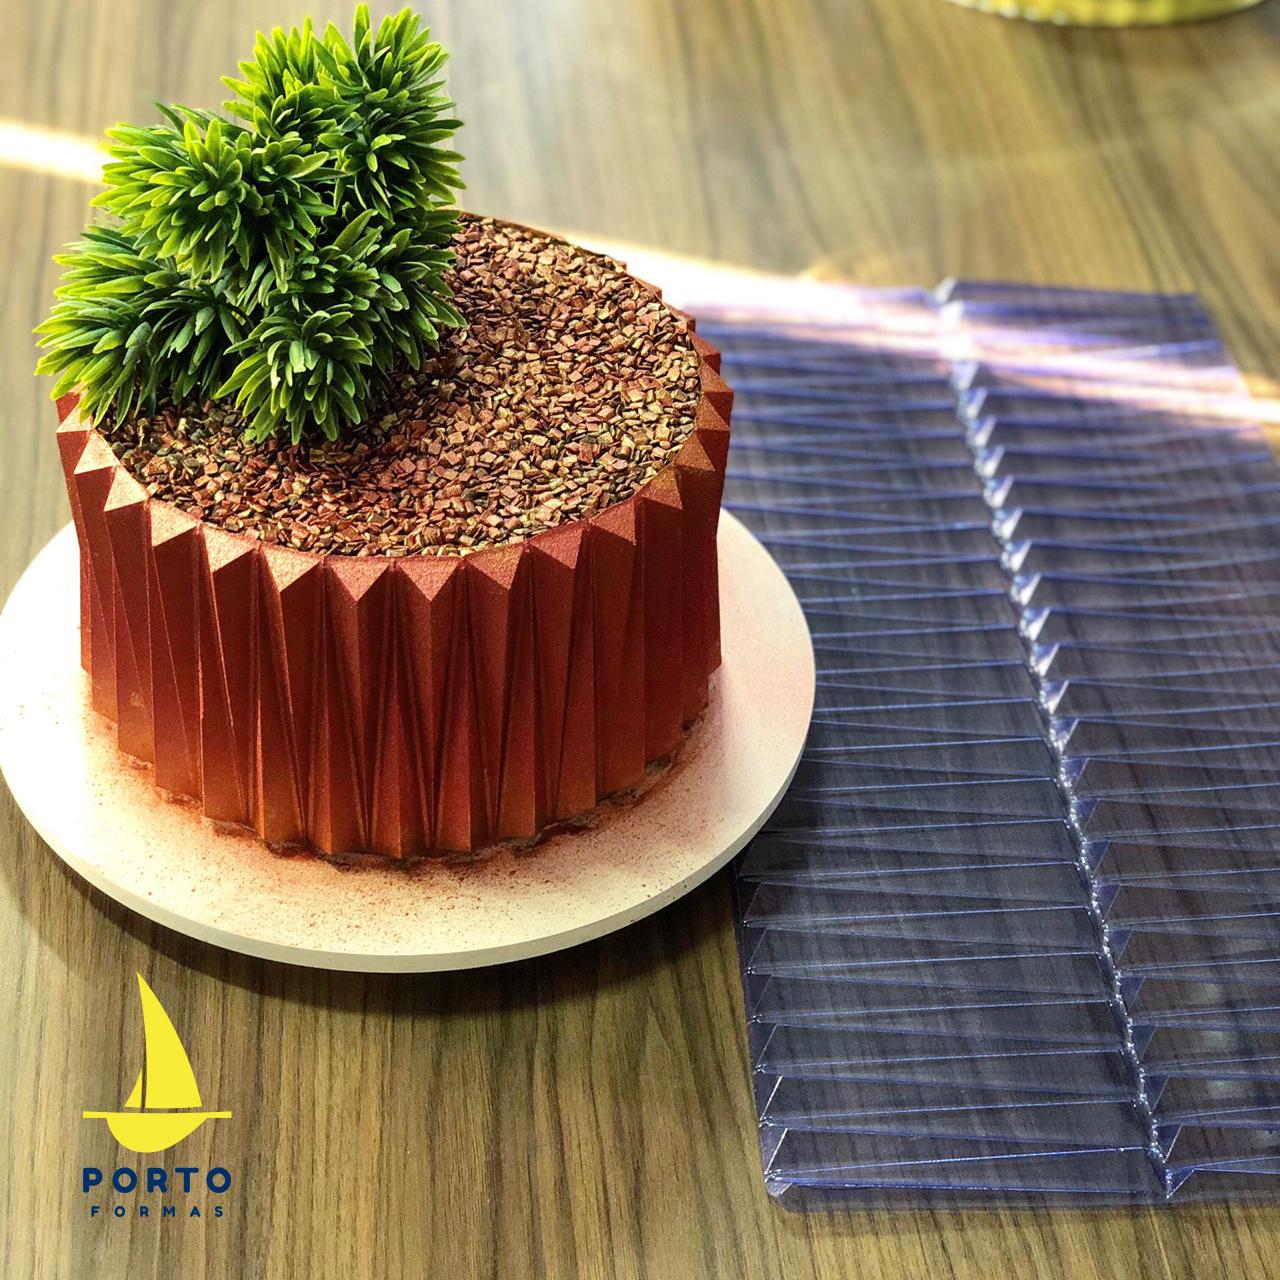 Imagen de producto: https://tienda.postreadiccion.com/img/articulos/secundarias14050-textura-860-portoformas-origami-4.jpeg